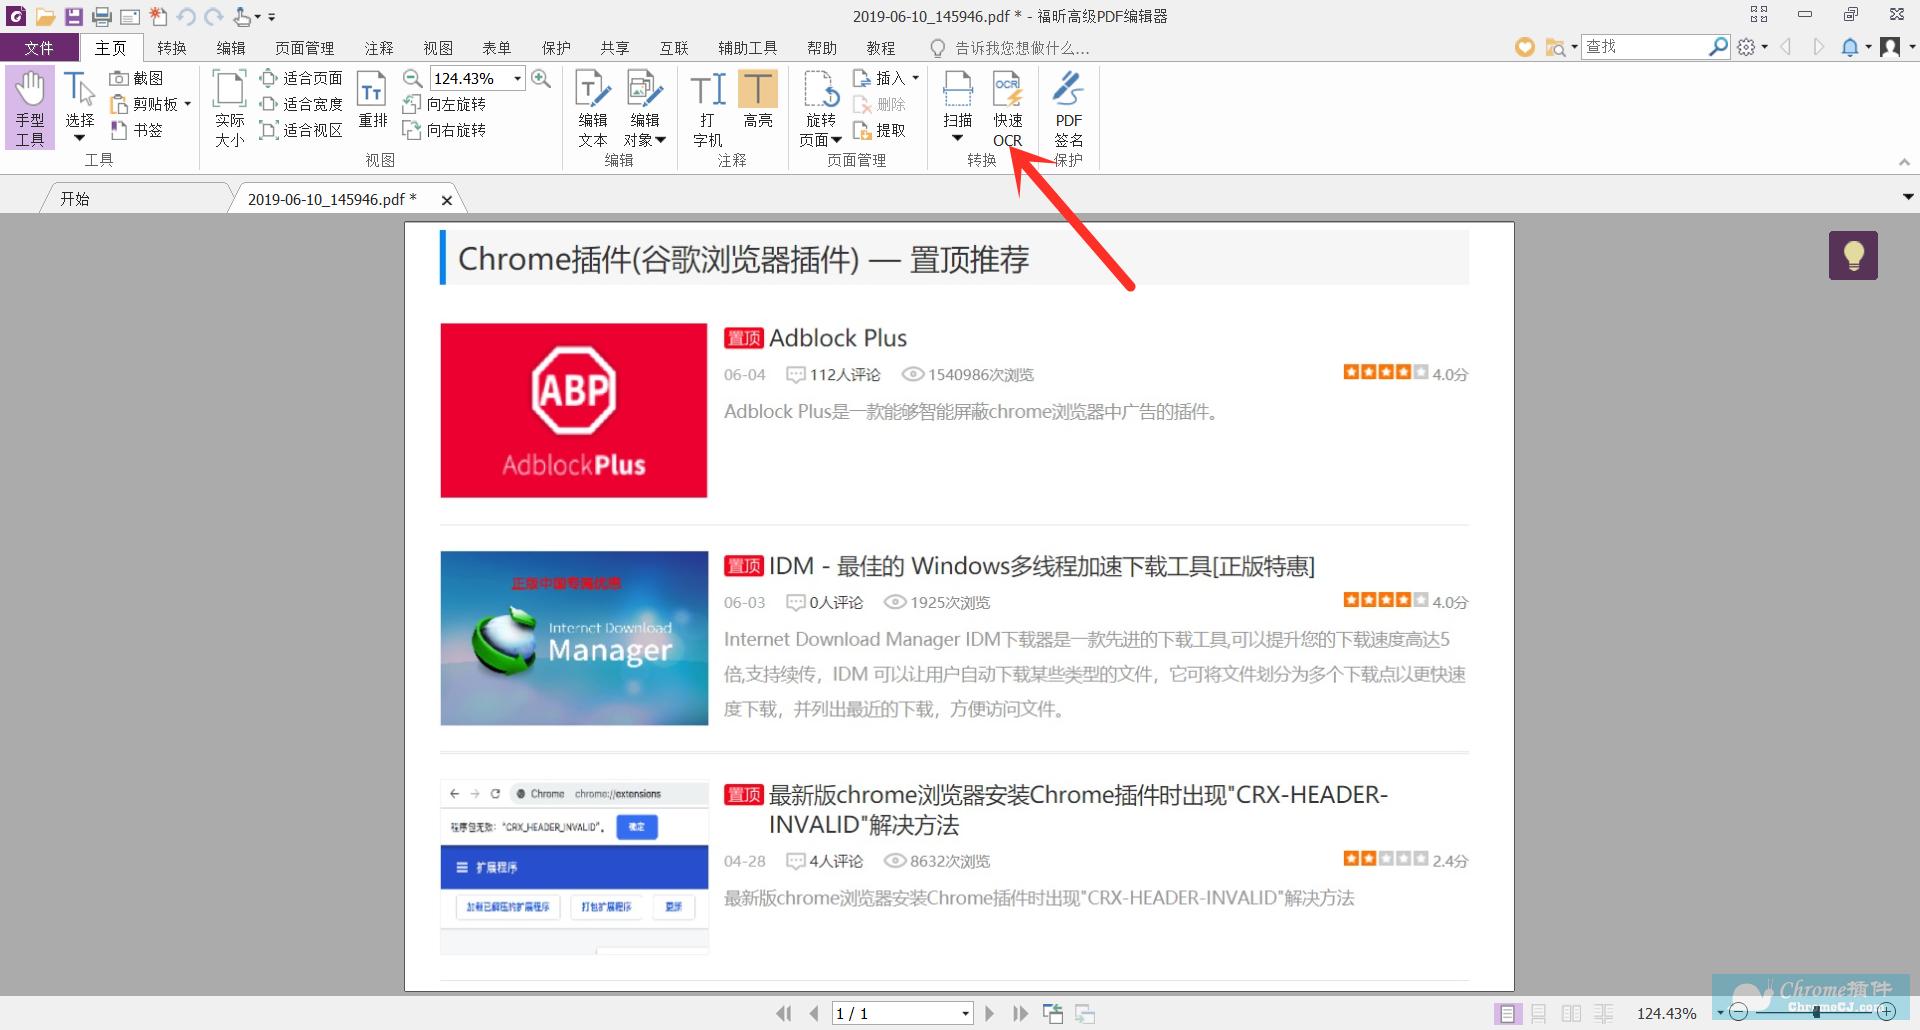 福昕PDF高级编辑器使用方法-将JPG图片转换成PDF文档